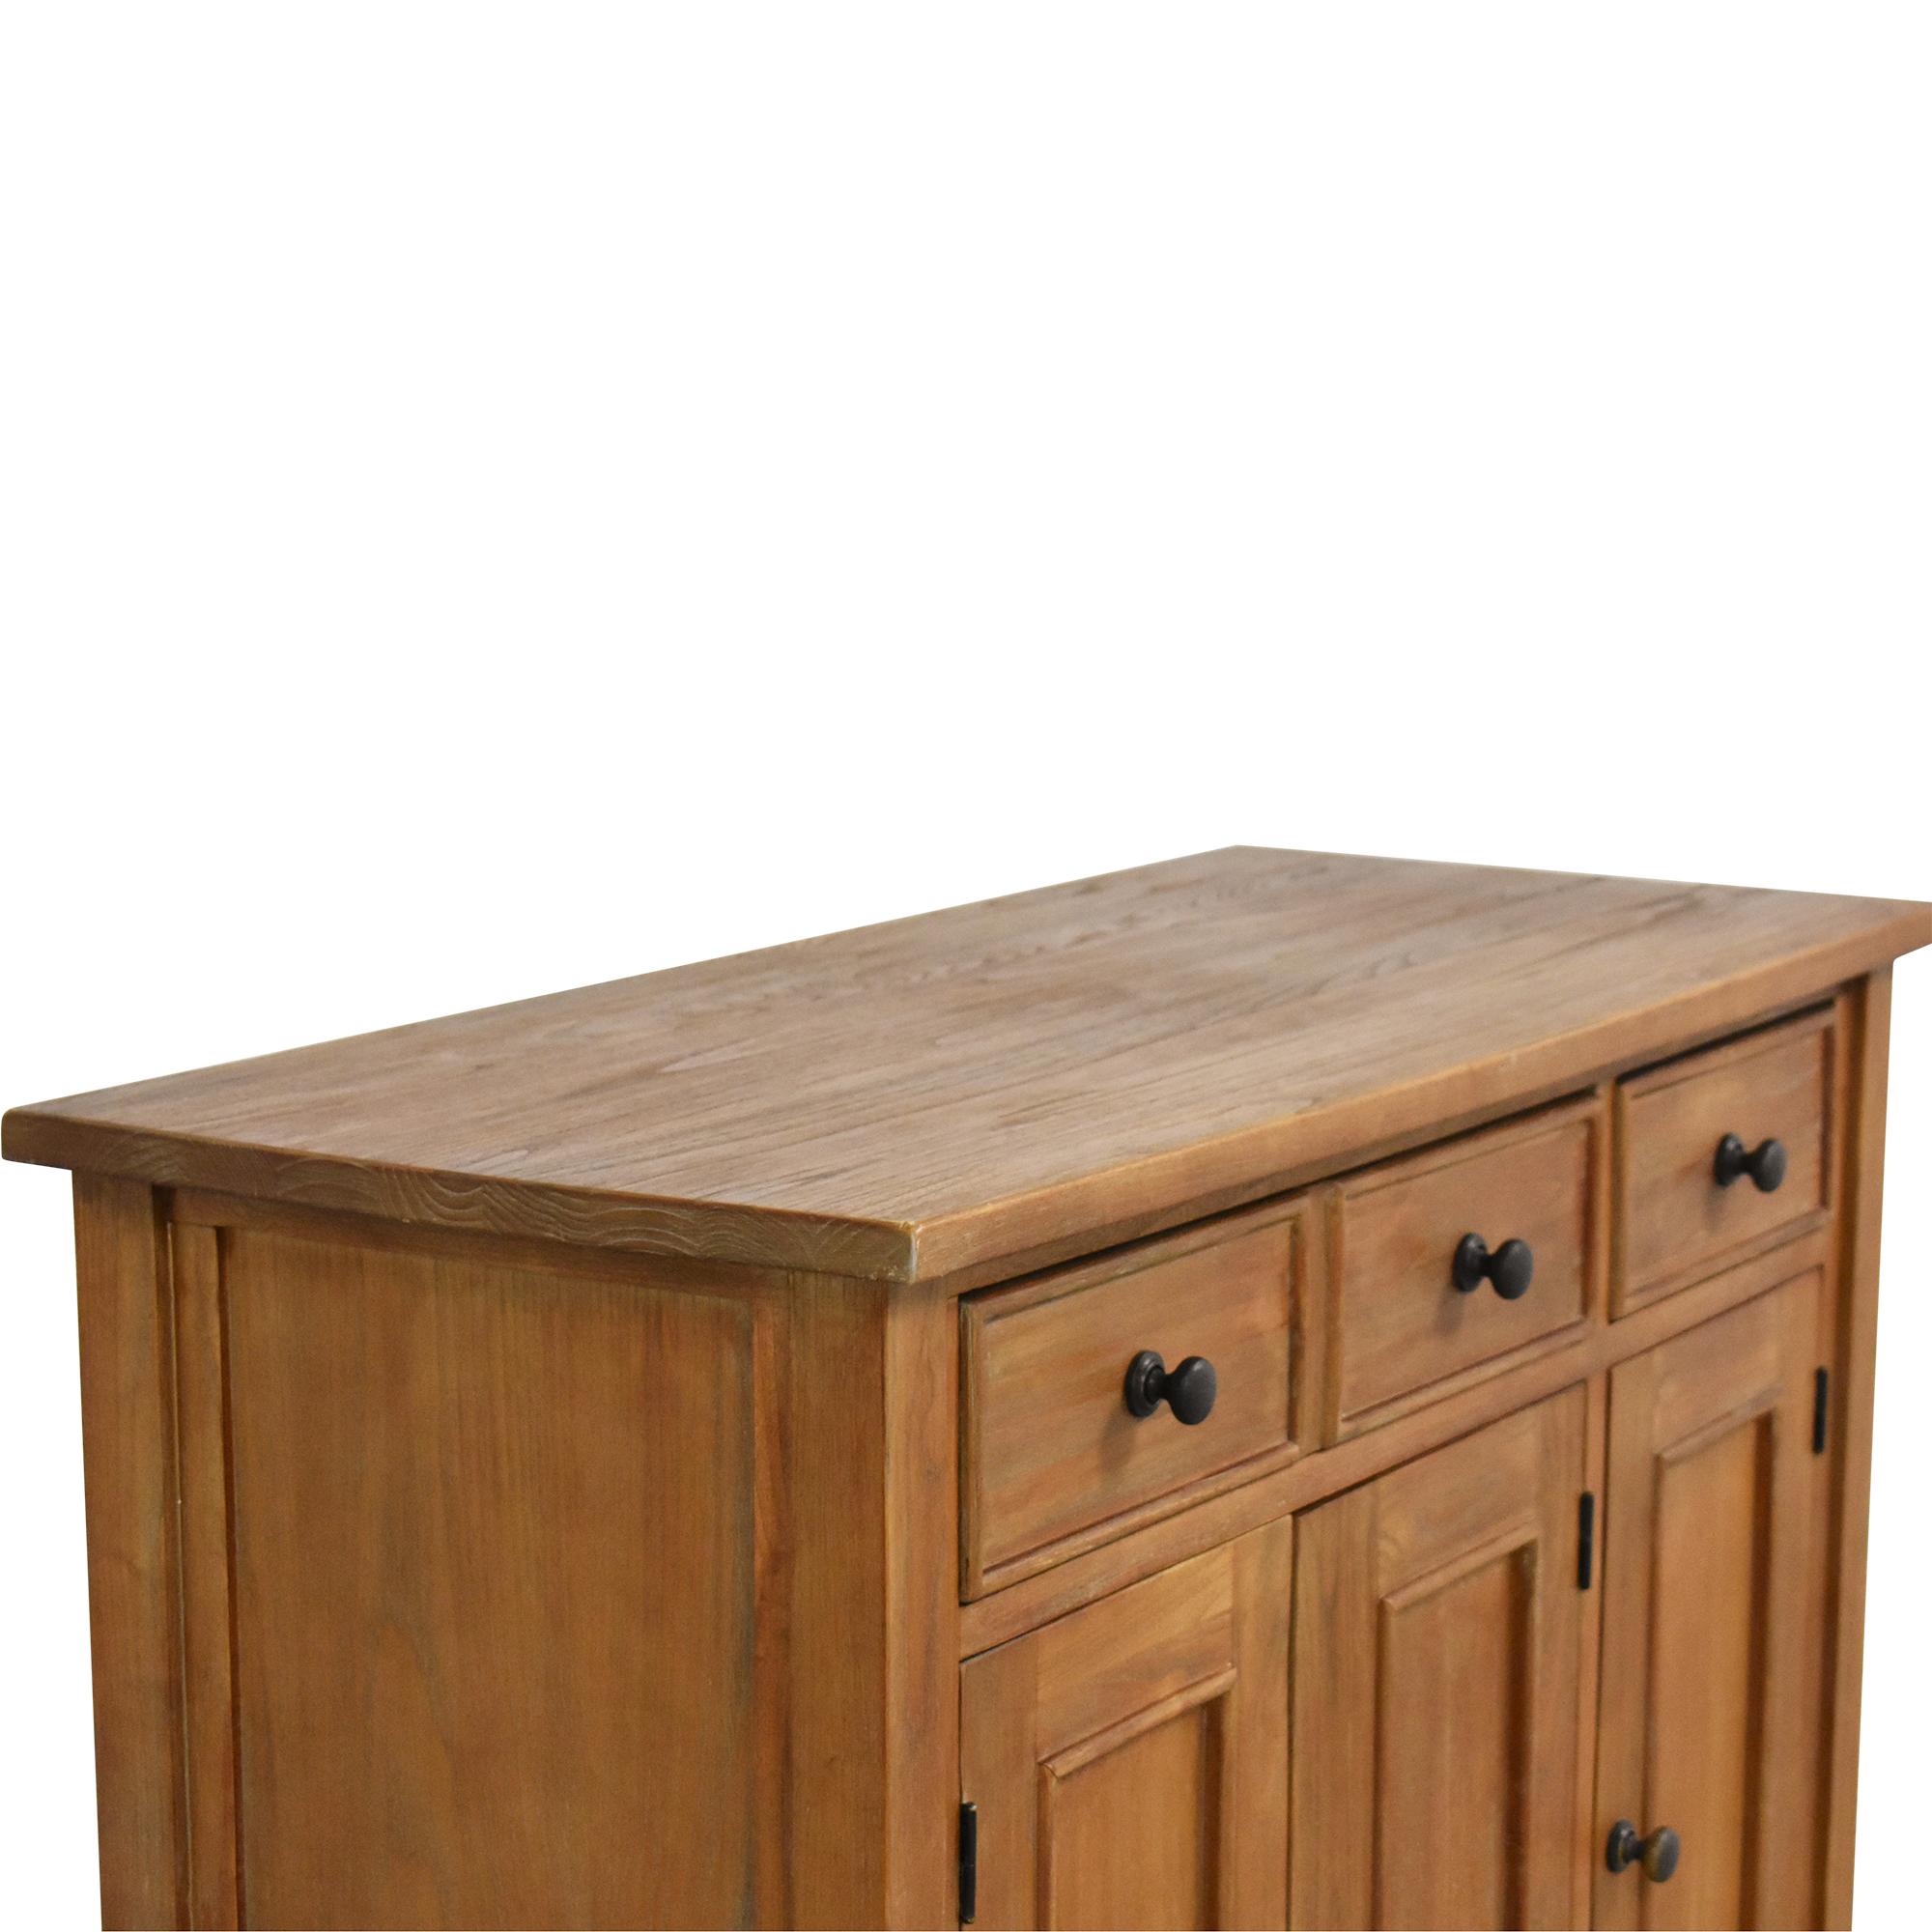 Crate & Barrel Crate & Barrel Kipling Buffet Cabinet ma